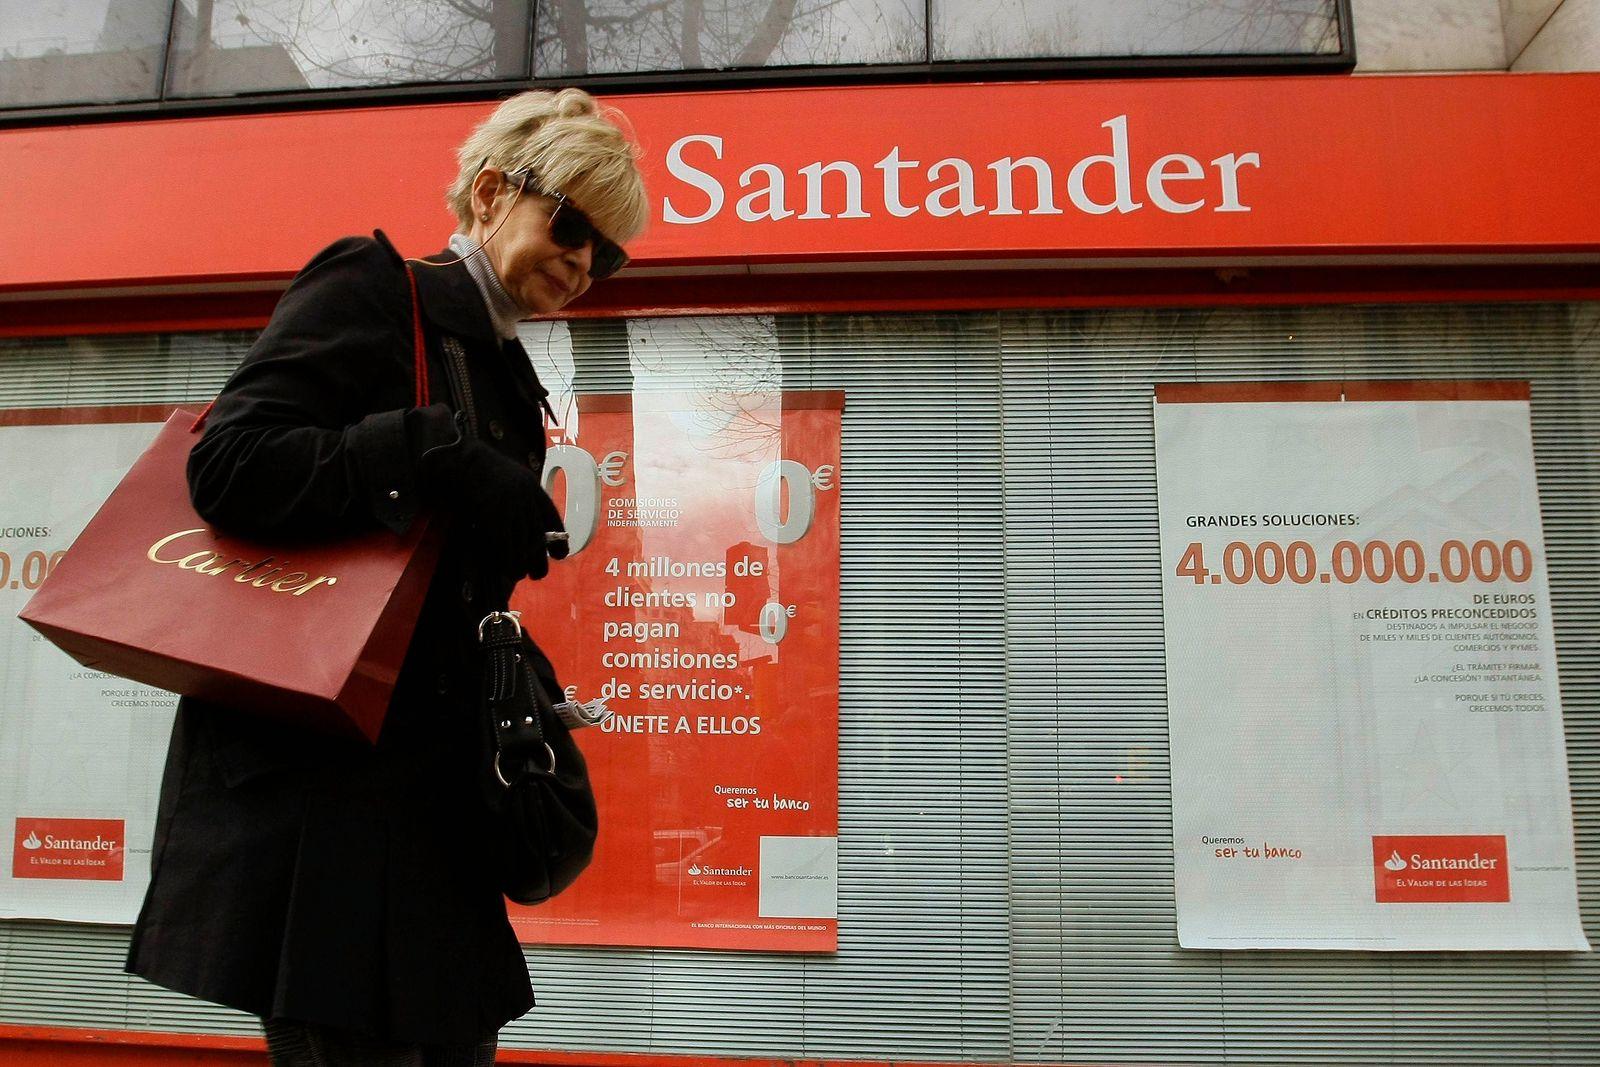 größte spanischen Banken / Santander